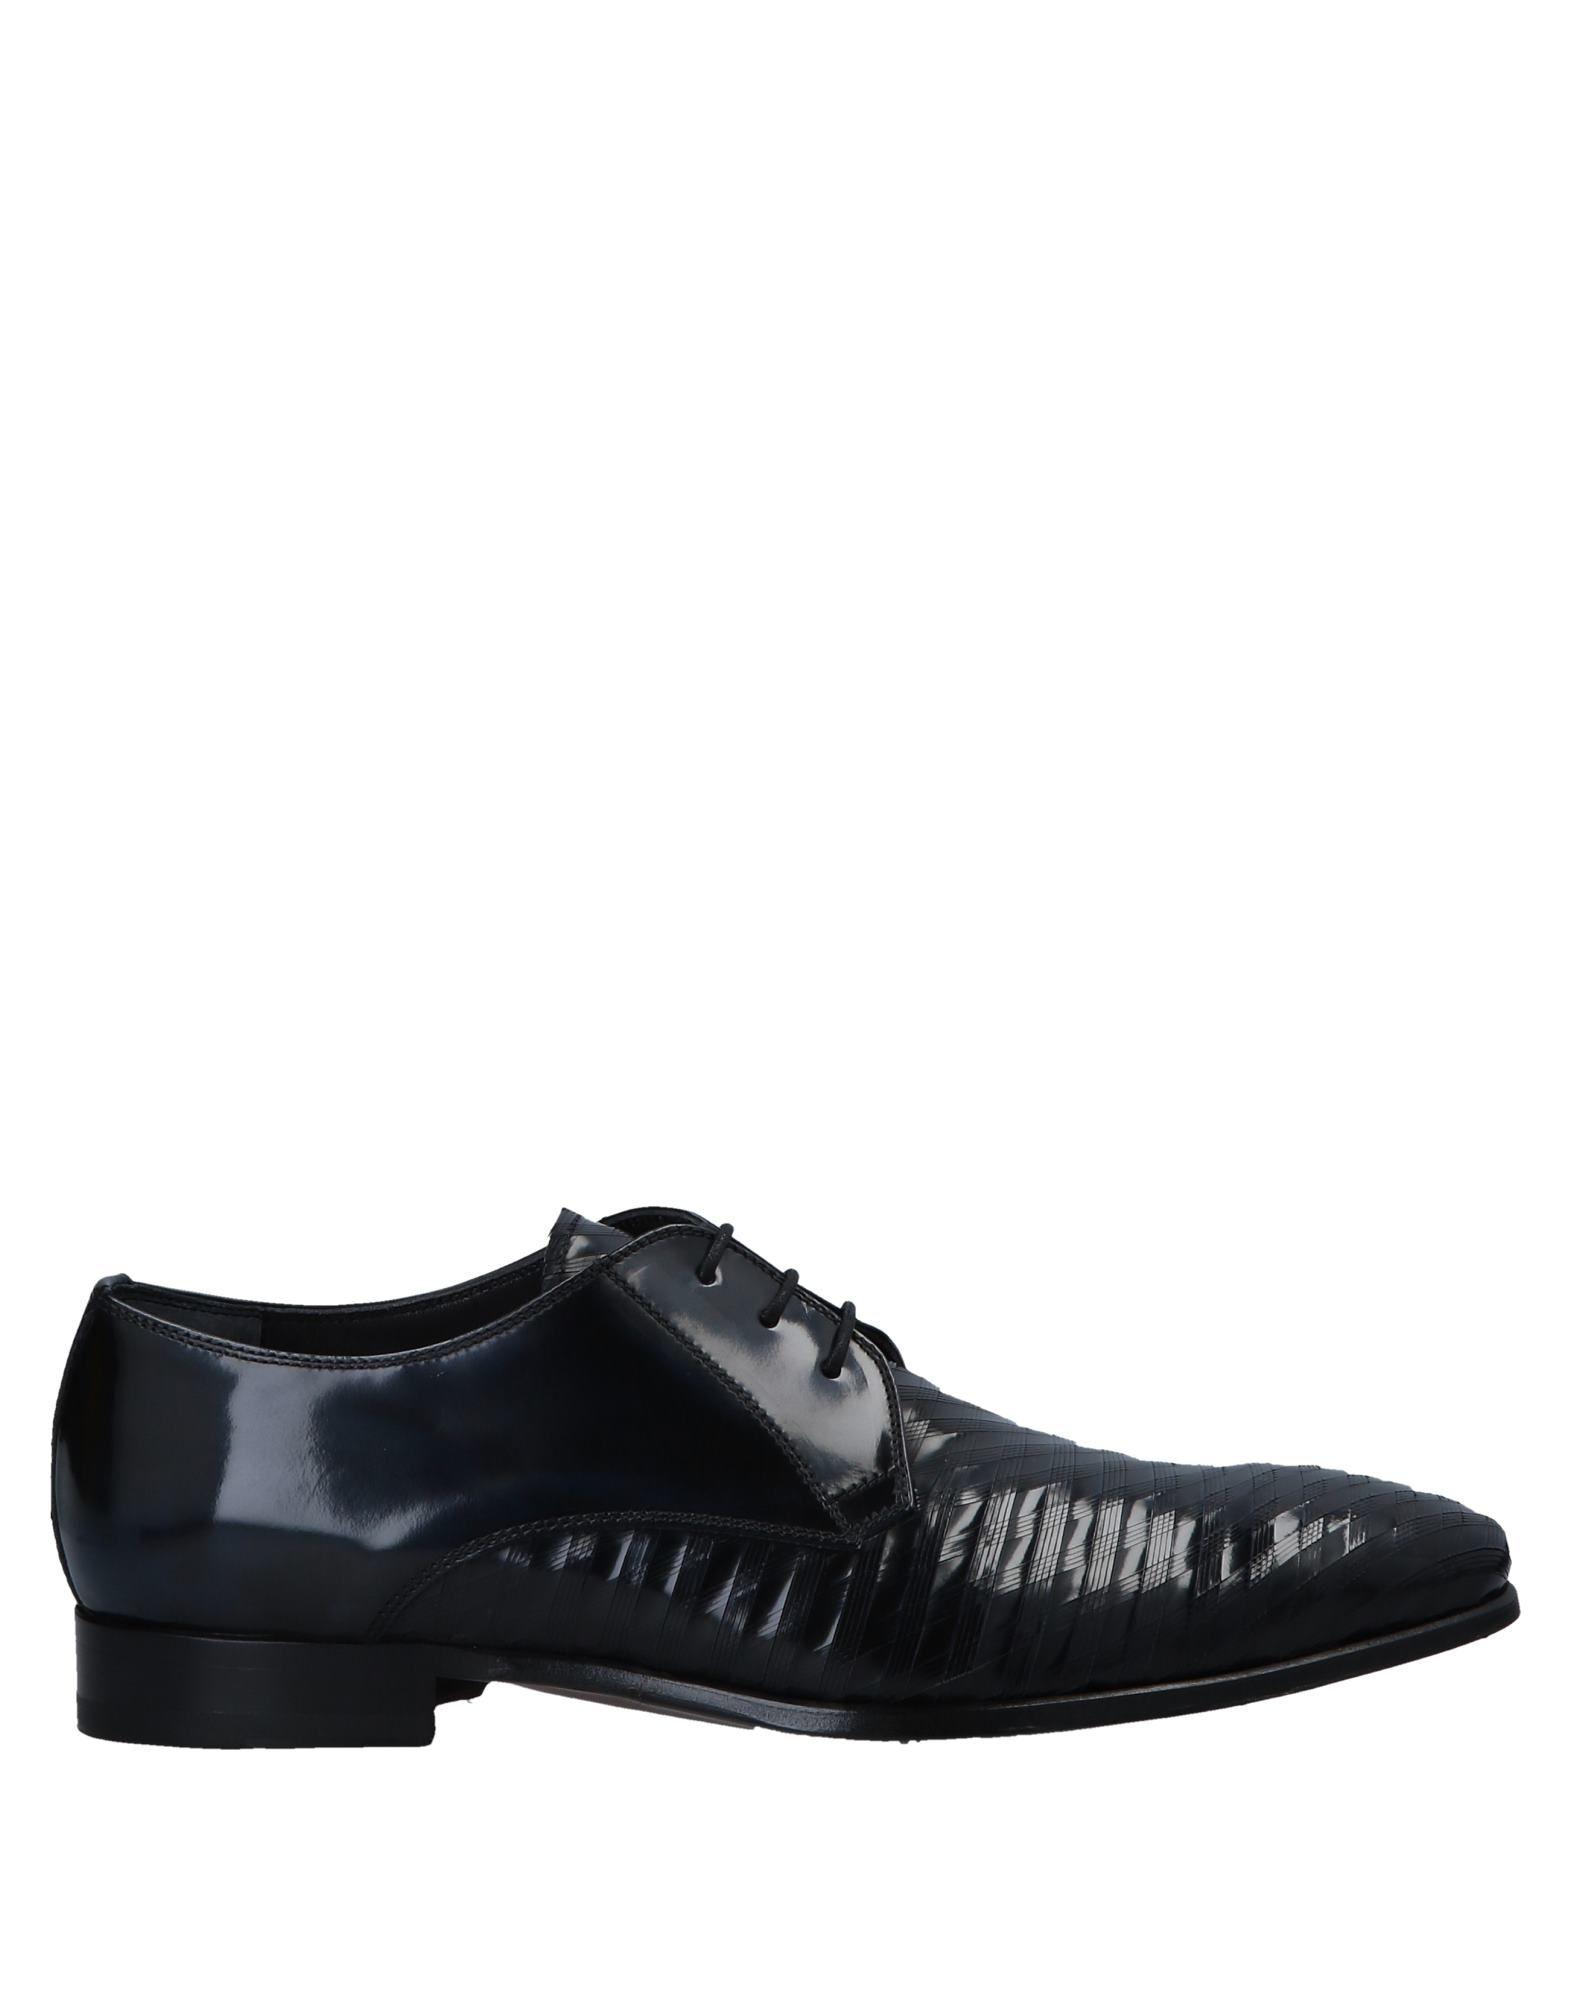 Rabatt echte Schuhe Calpierre Schnürschuhe Herren  11551899XI